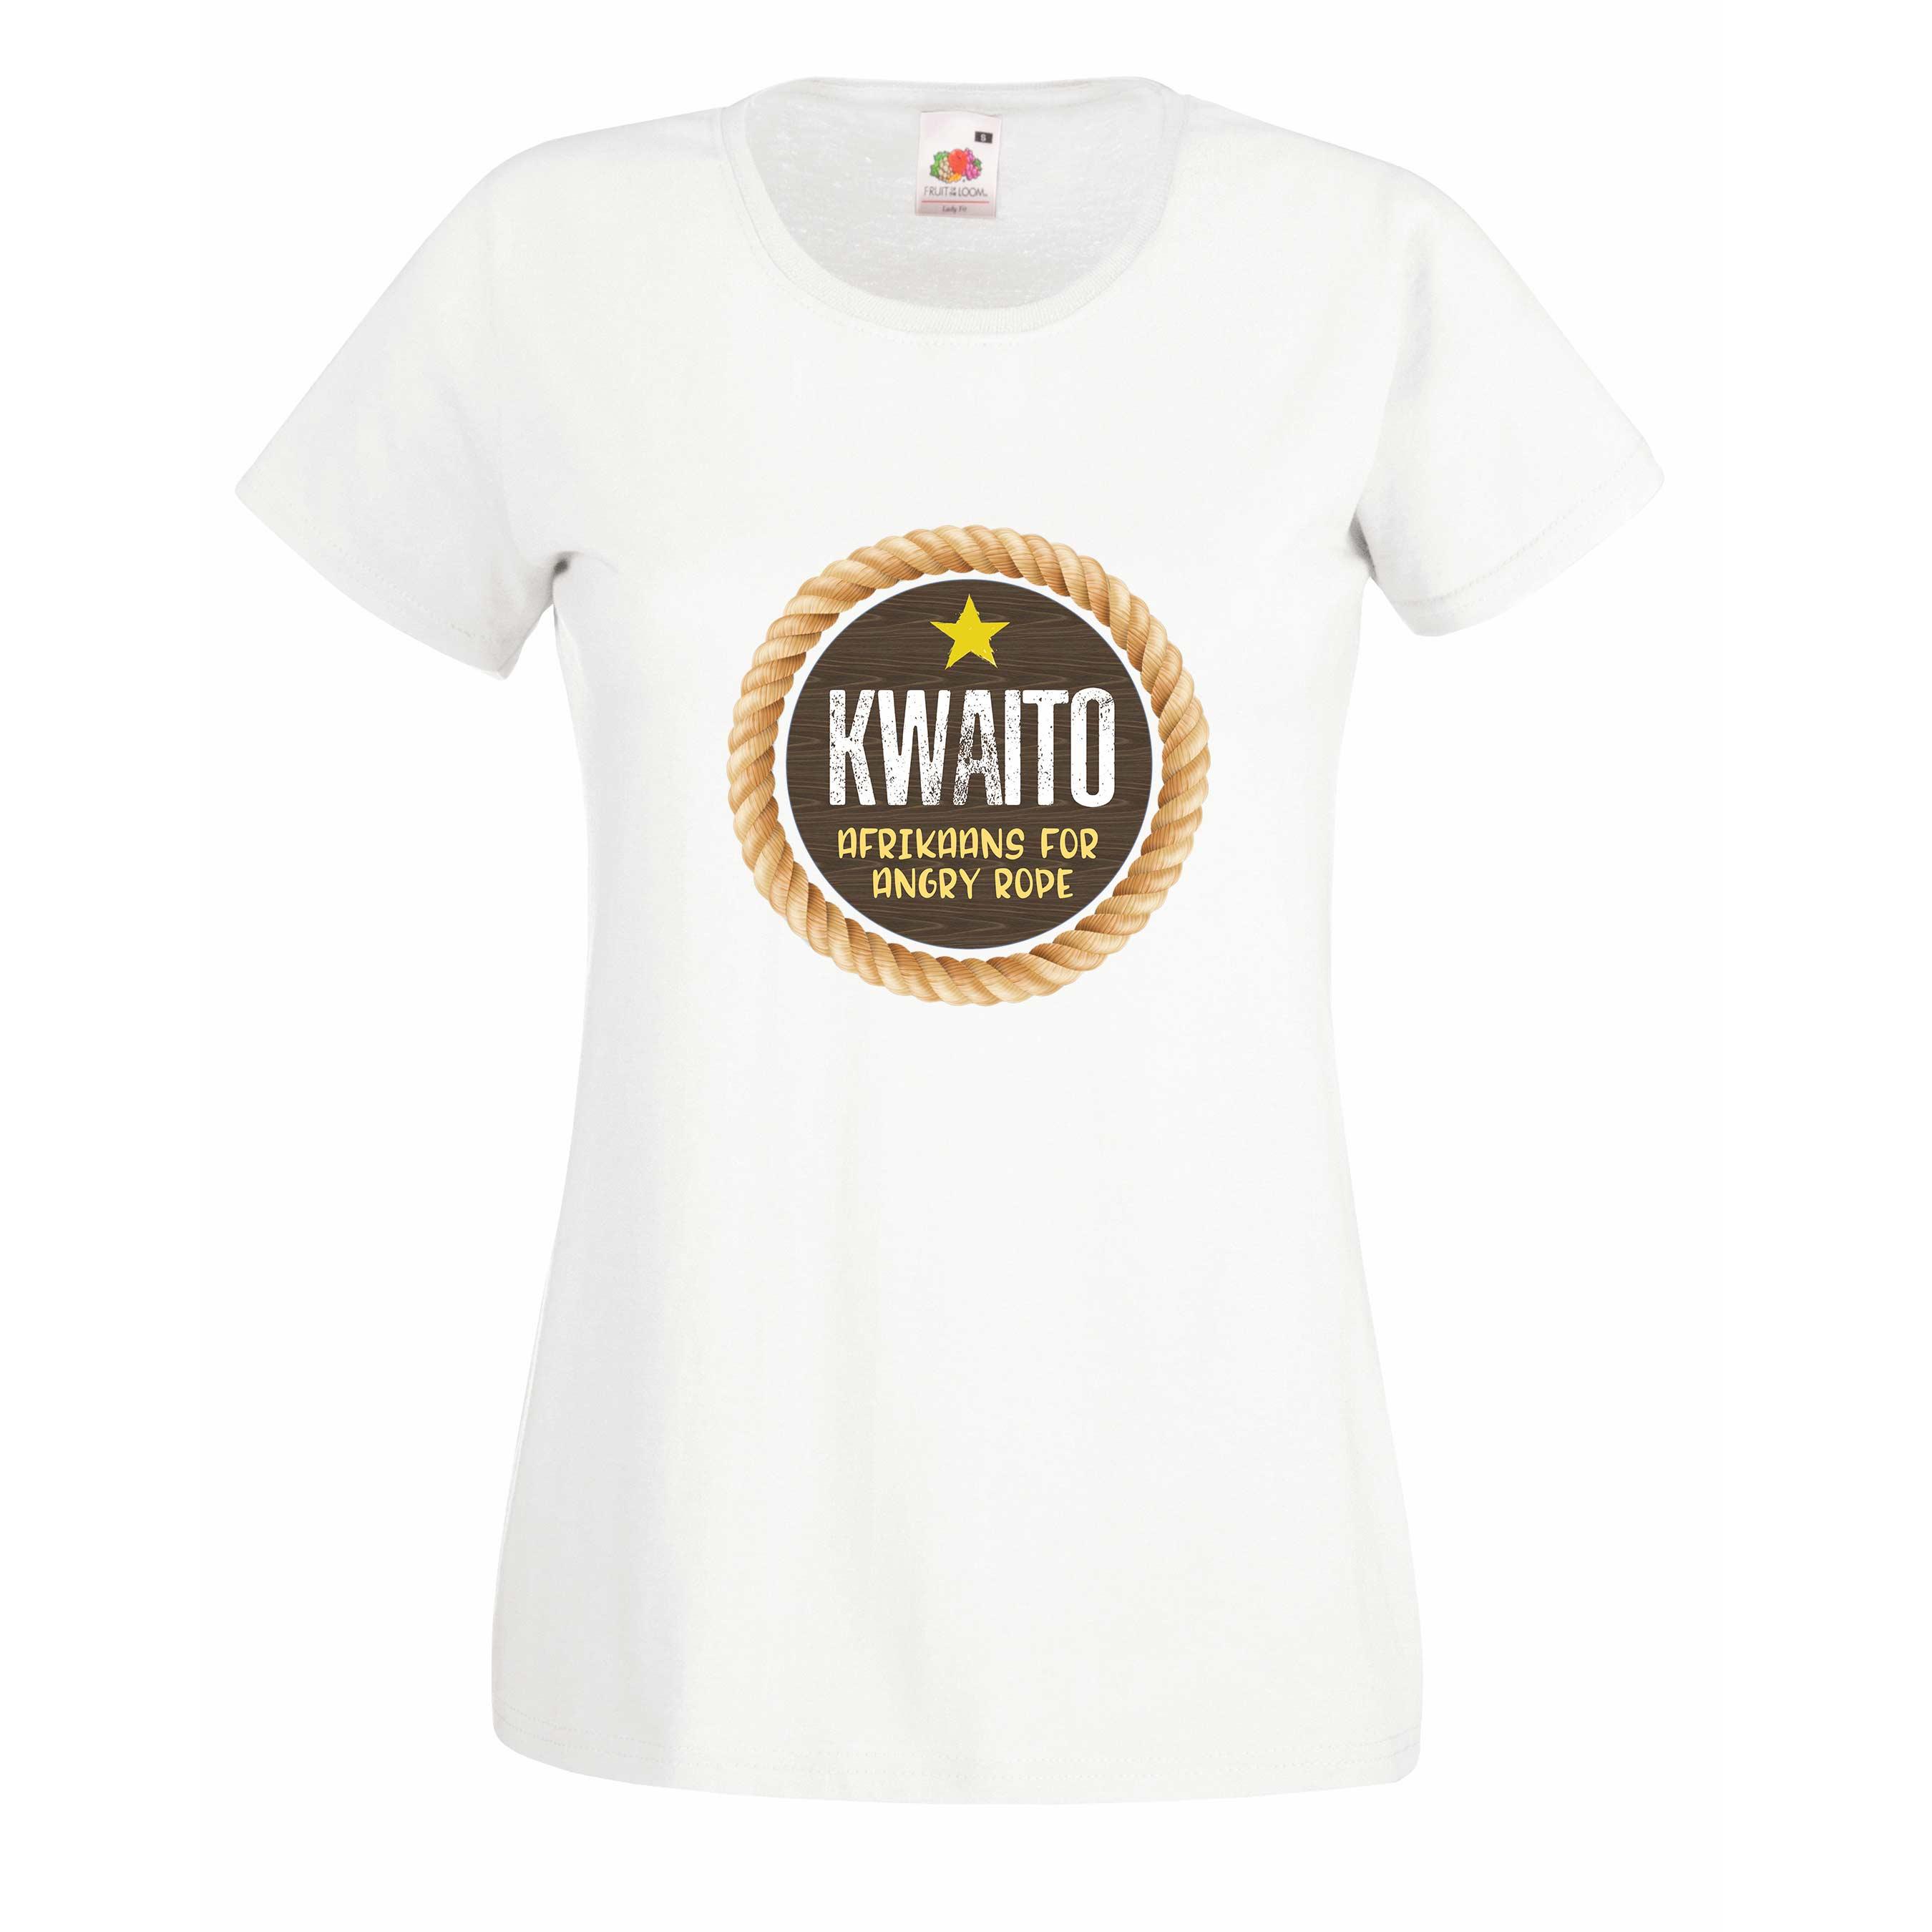 Kwaito design for t-shirt, hoodie & sweatshirt